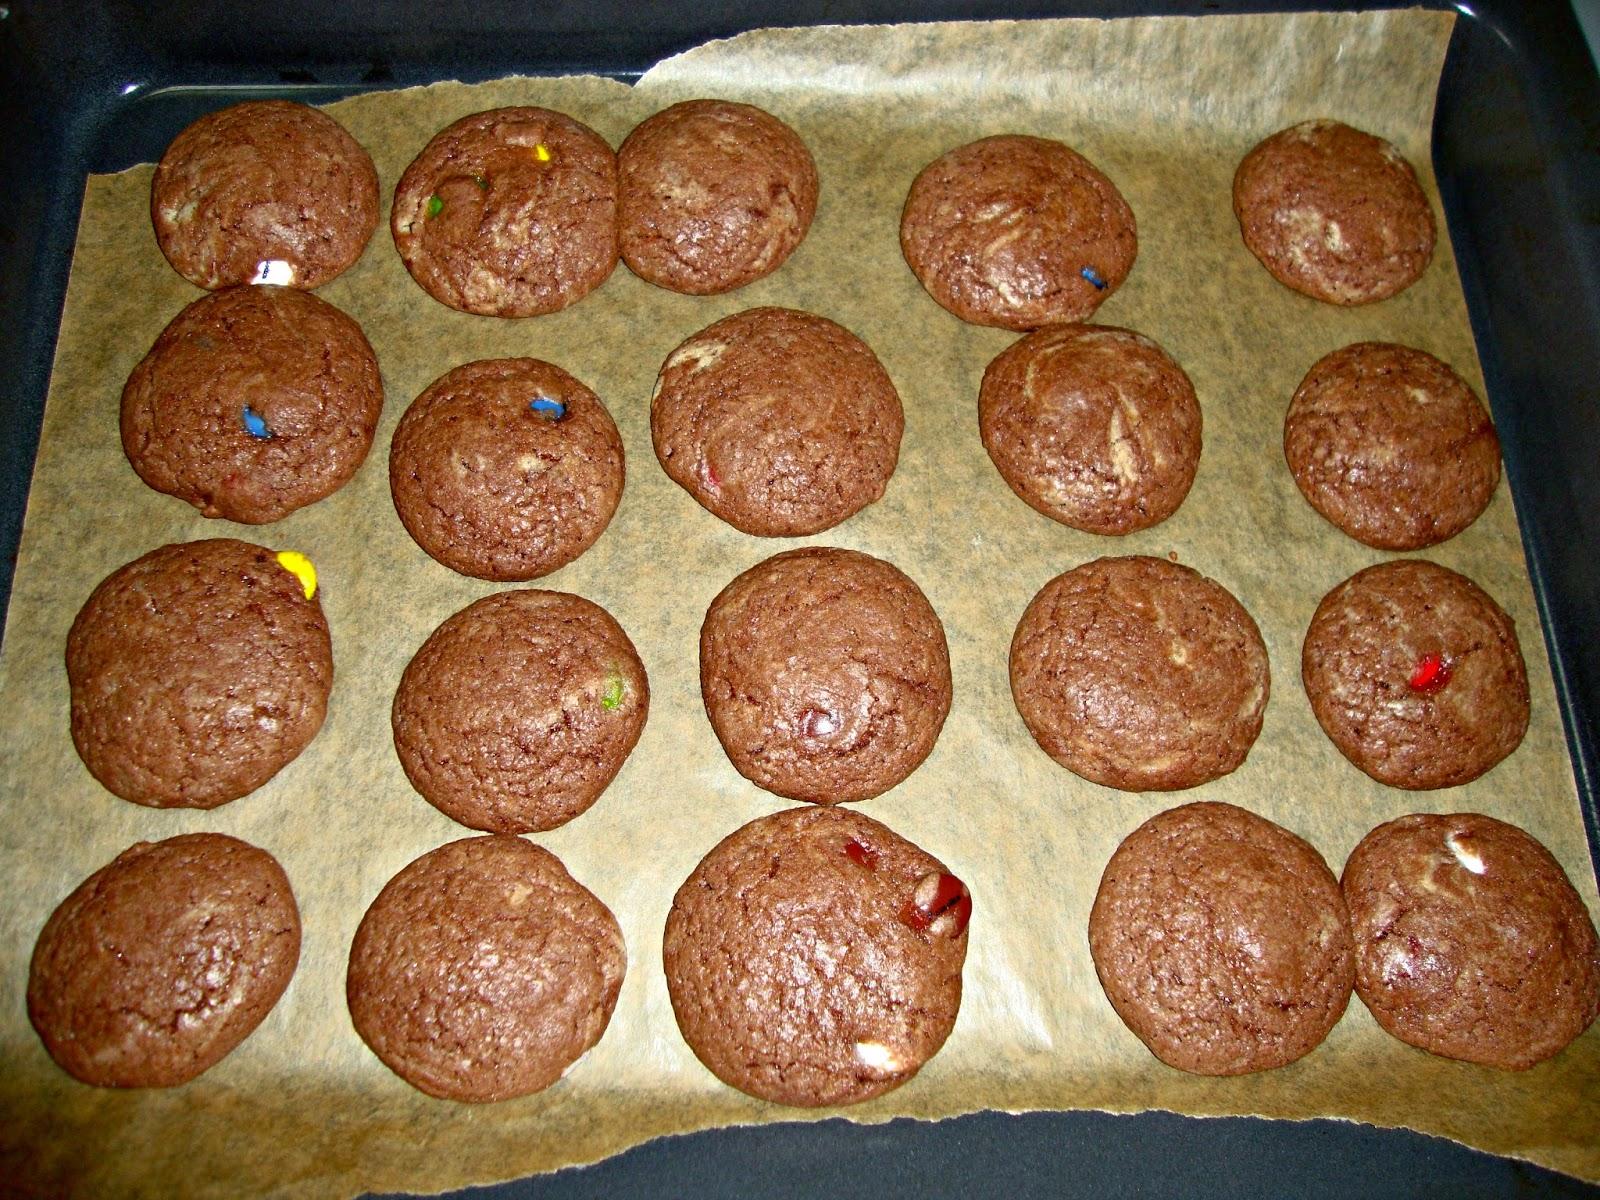 cookies con lacasitos en la bandeja del horno